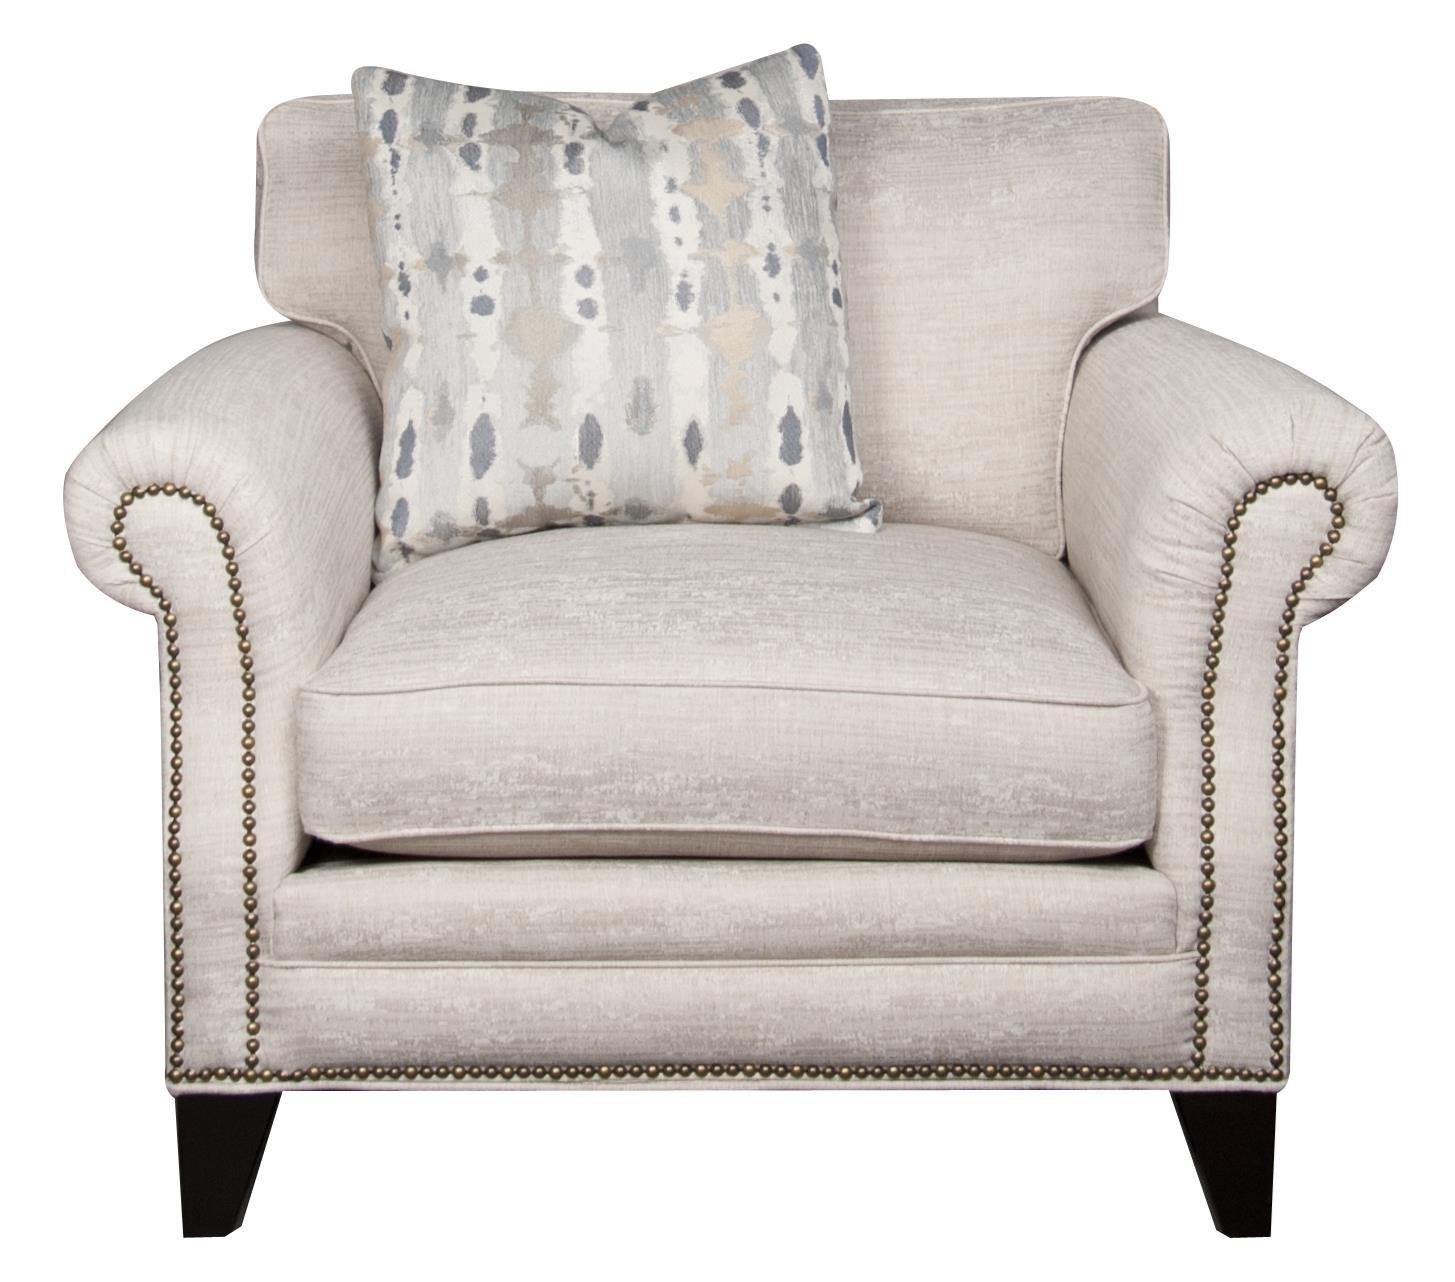 Morris Home Furnishings Helen - Helen Chair - Item Number: 399023947